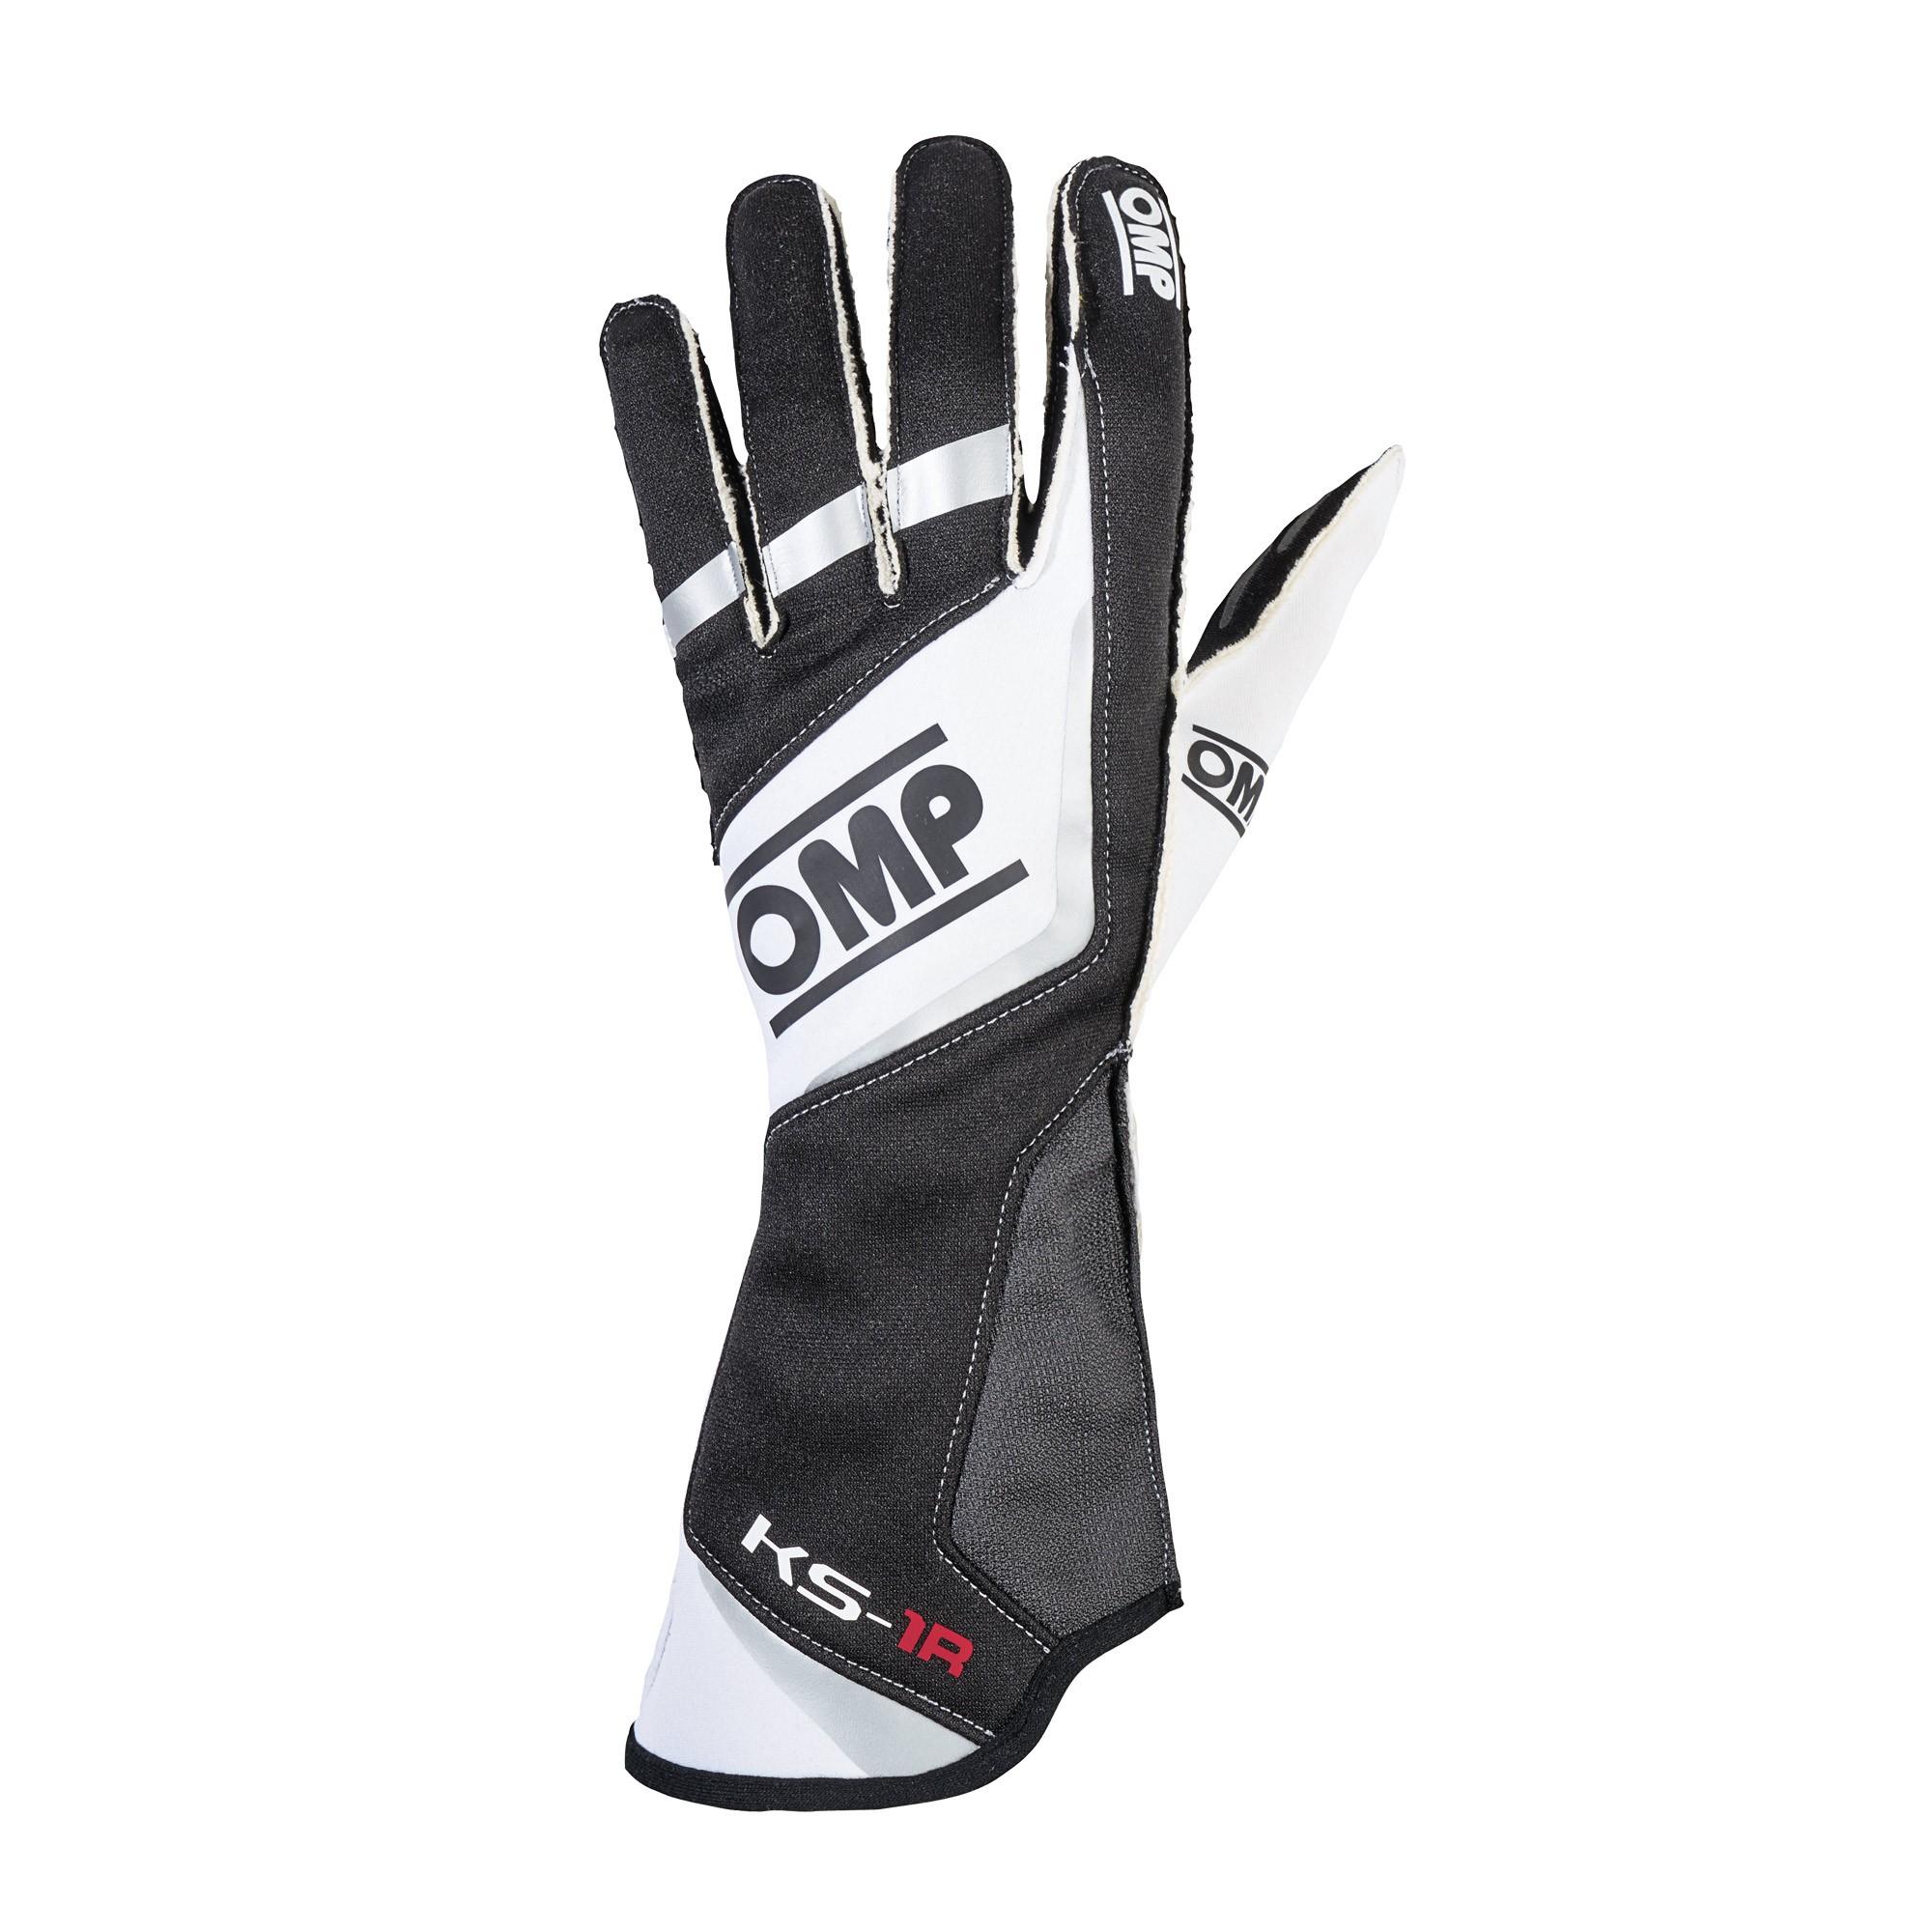 OMP Gloves for Go Kart